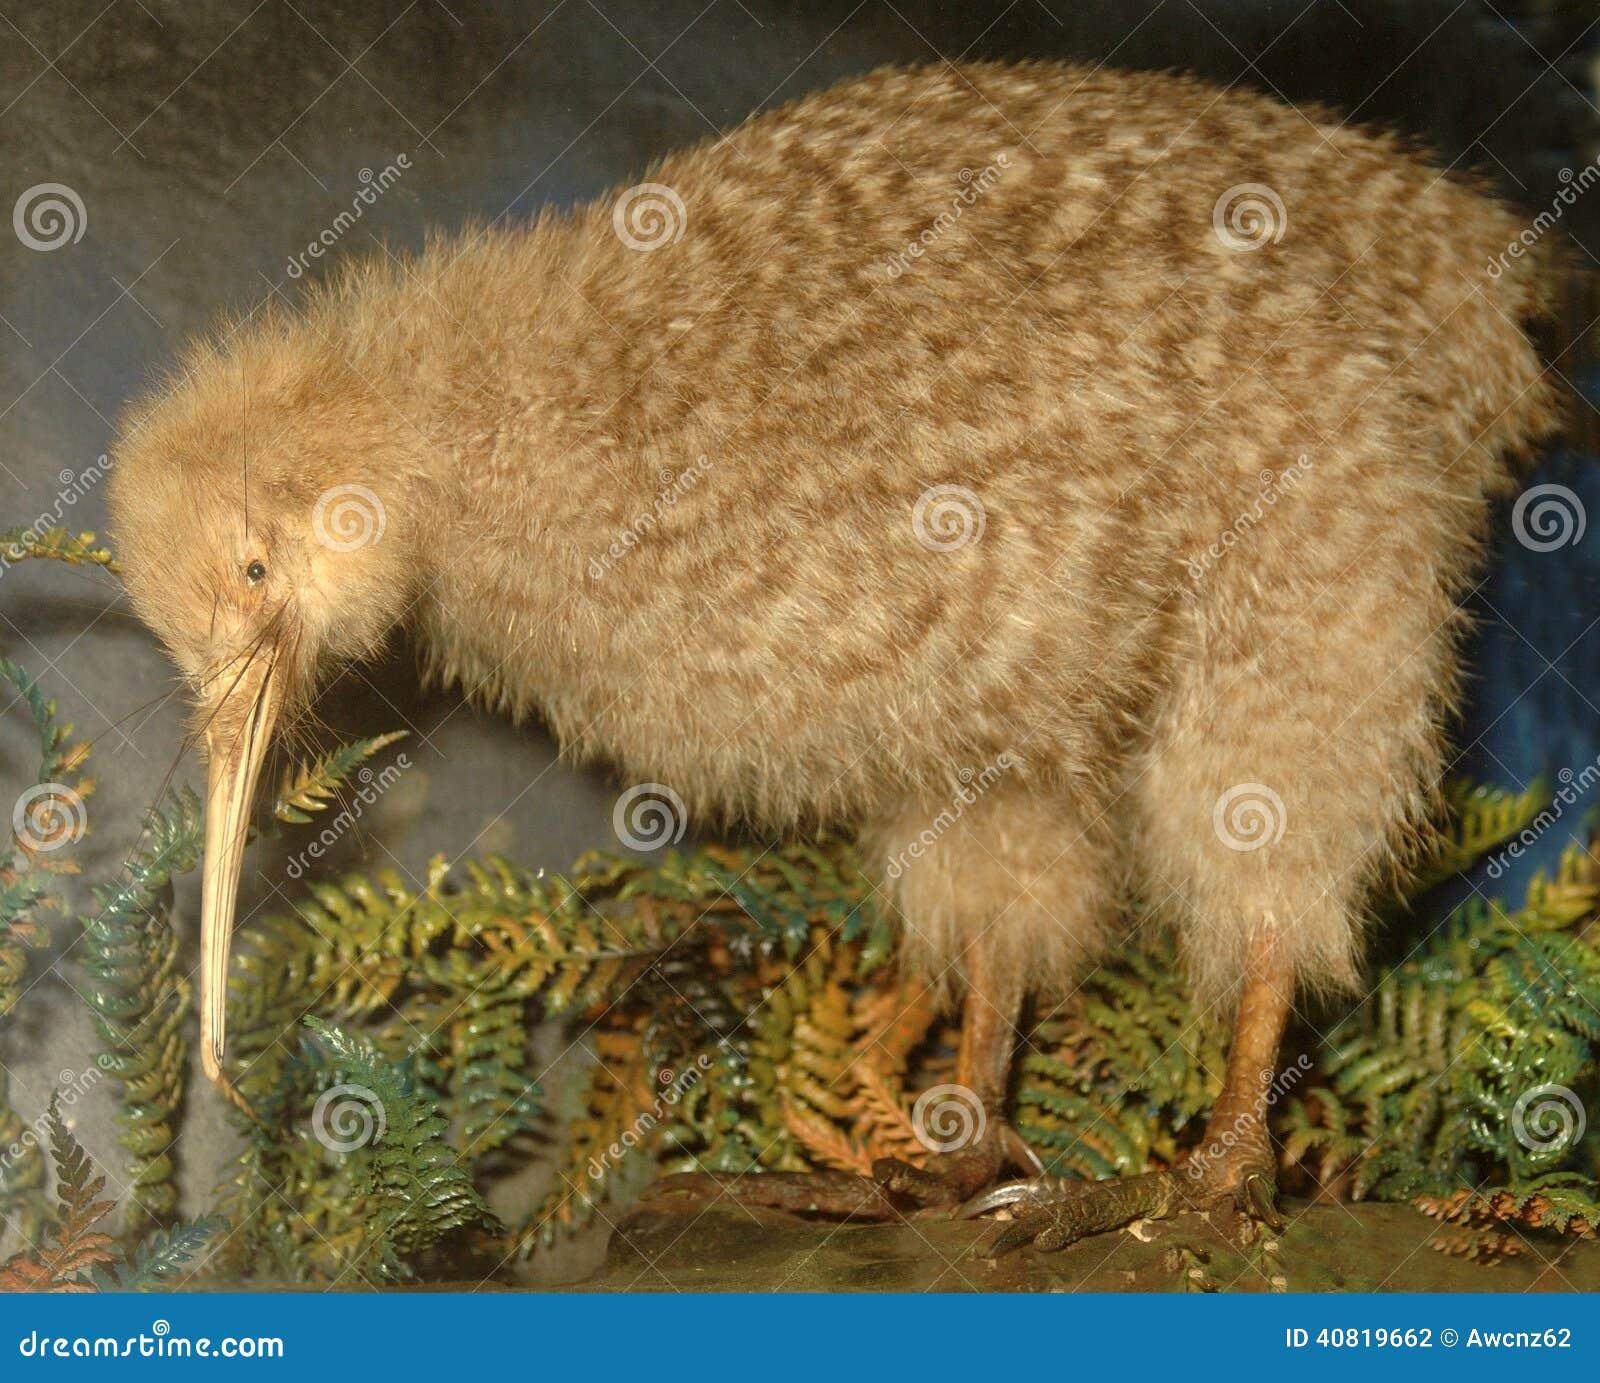 Kleine beschmutzte Kiwi